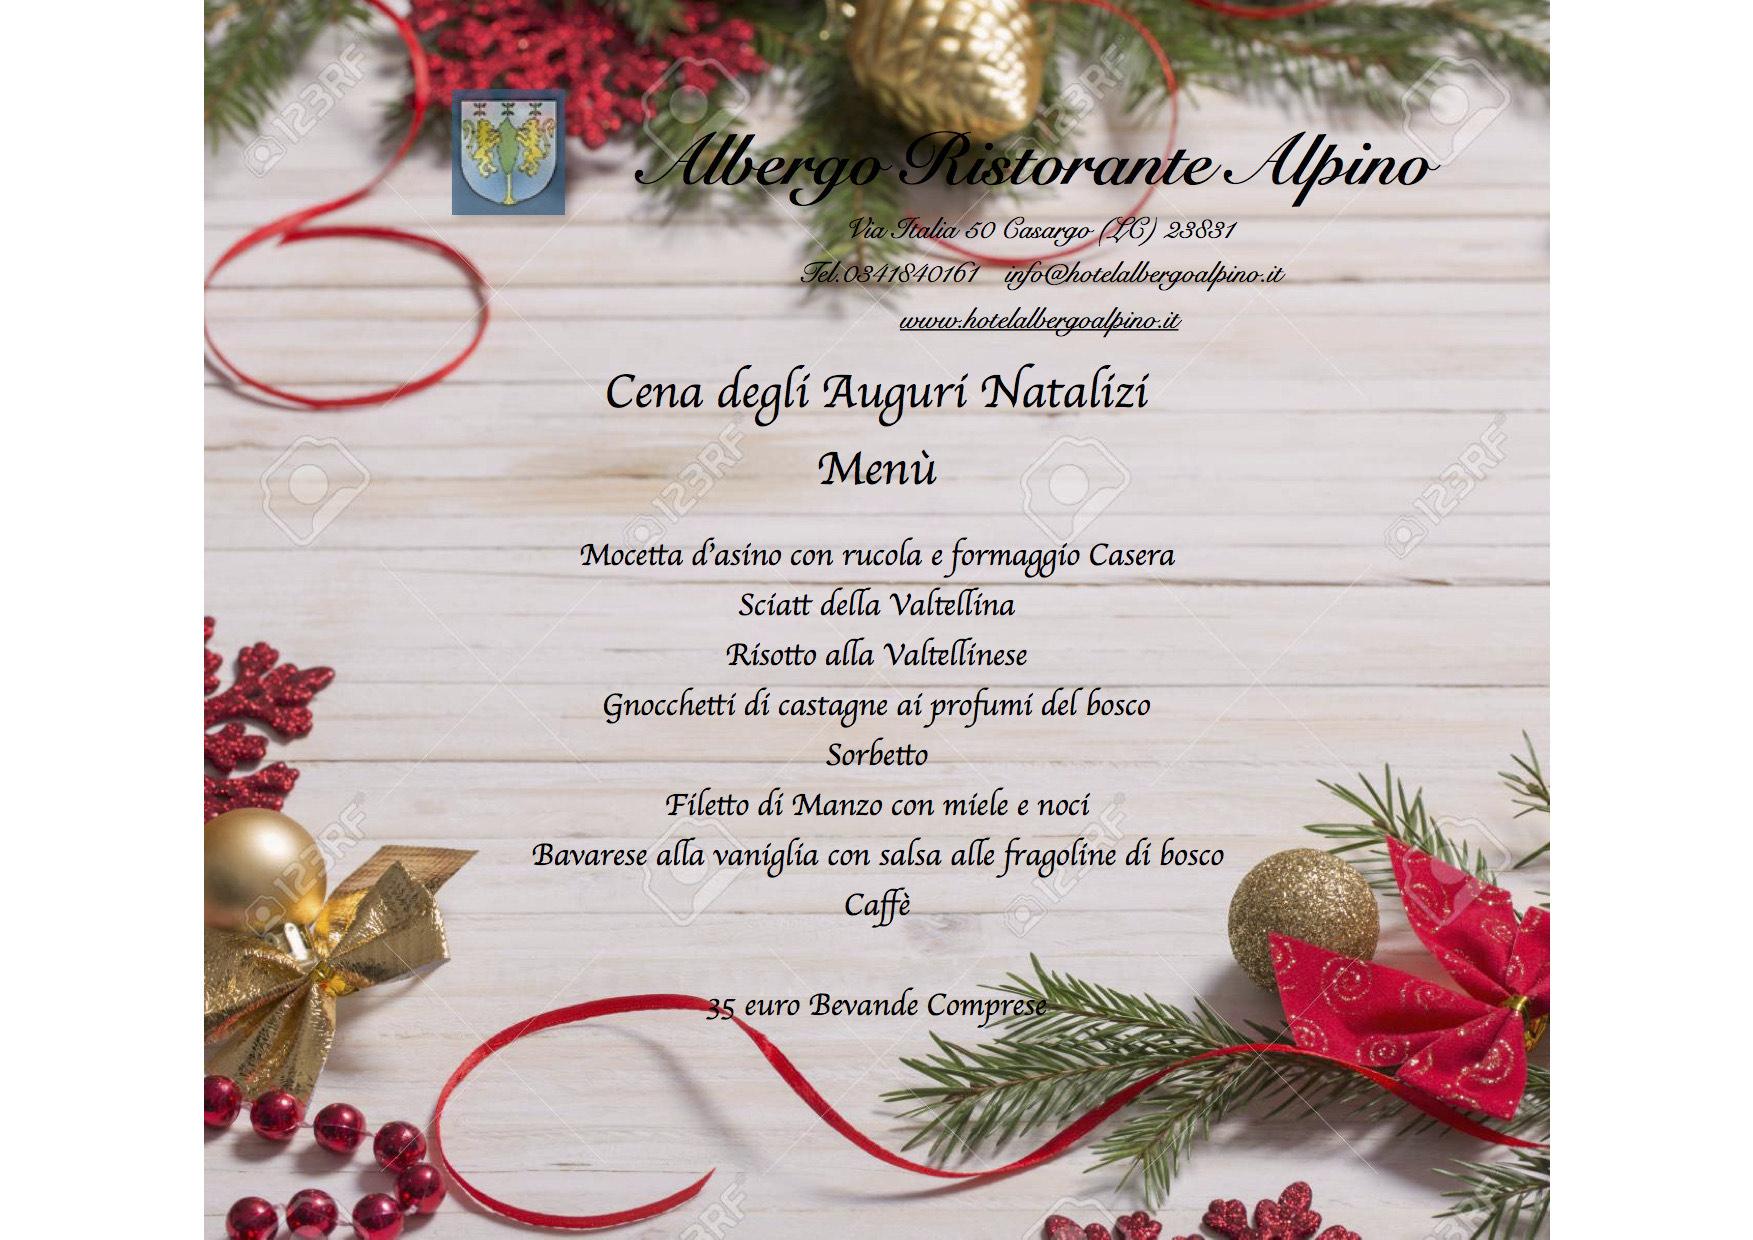 Cena Auguri Di Natale.Cena Per Gli Auguri Di Natale All Albergo Alpino Lago Di Como E Valsassina